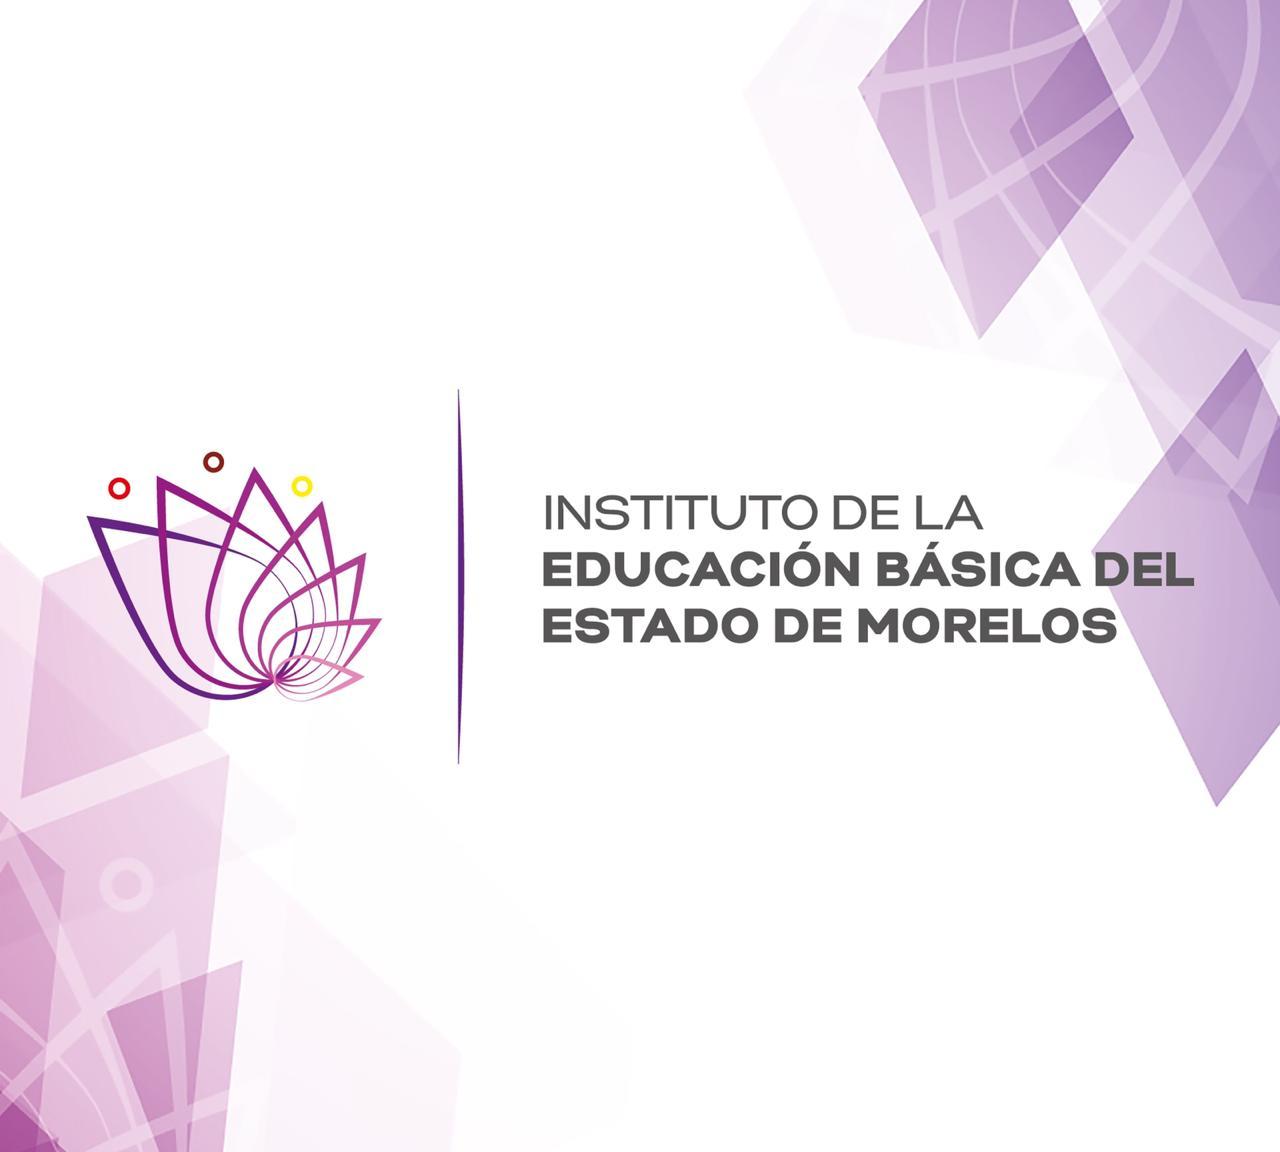 Regresan a clases más de 140 mil estudiantes de educación básica en Morelos